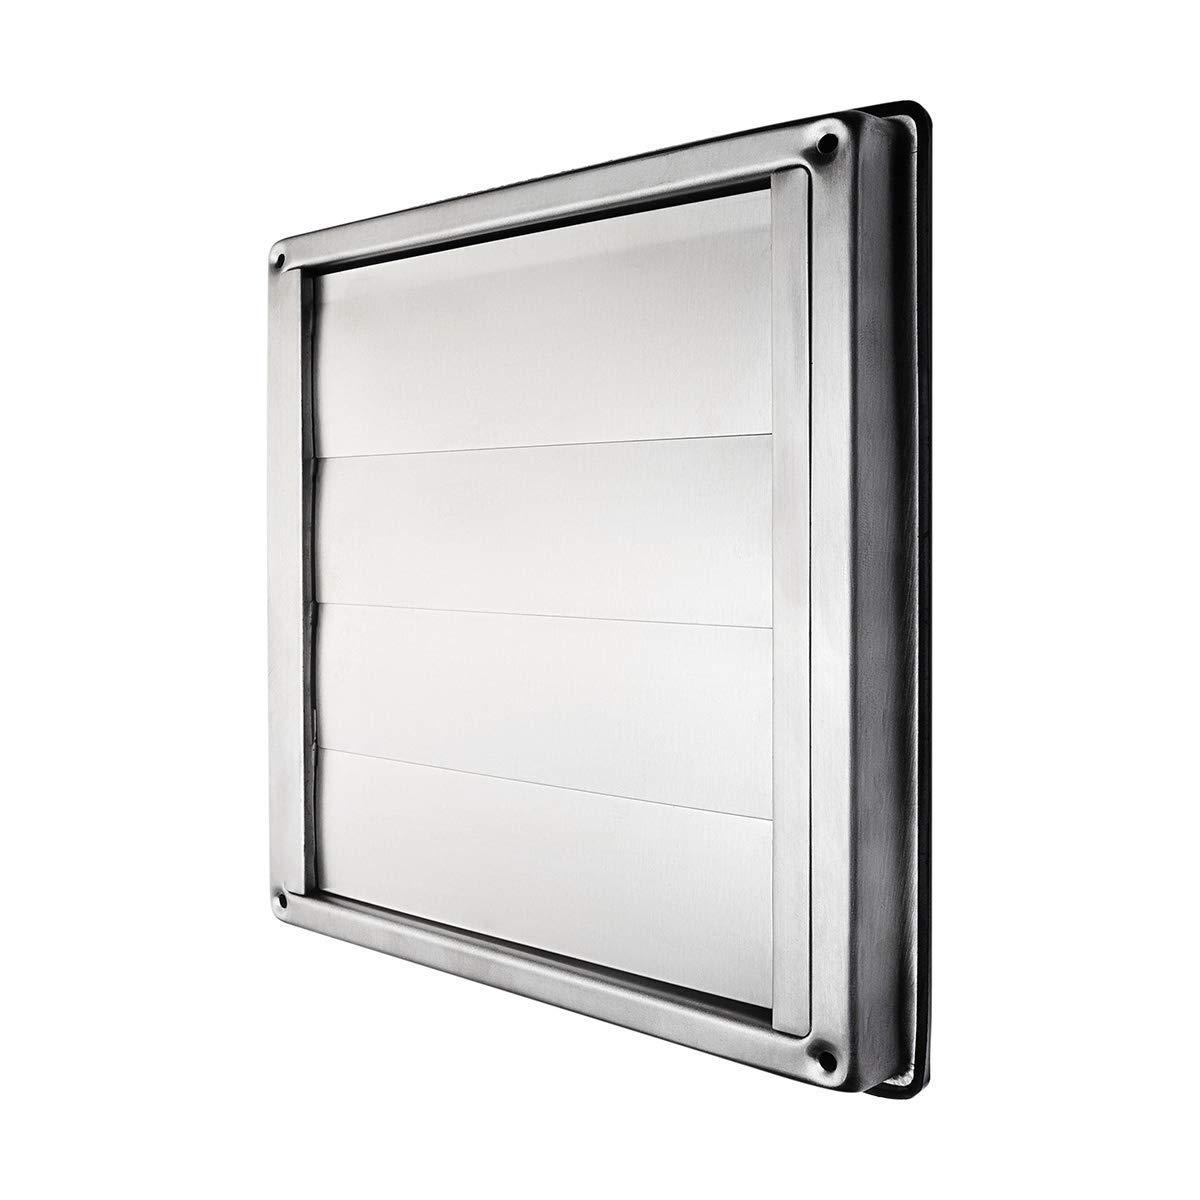 Klimapartner VKE 100 Rejilla de Ventilaci/ón Aire Externo de Acero Inoxidable del Louvre L/áminas